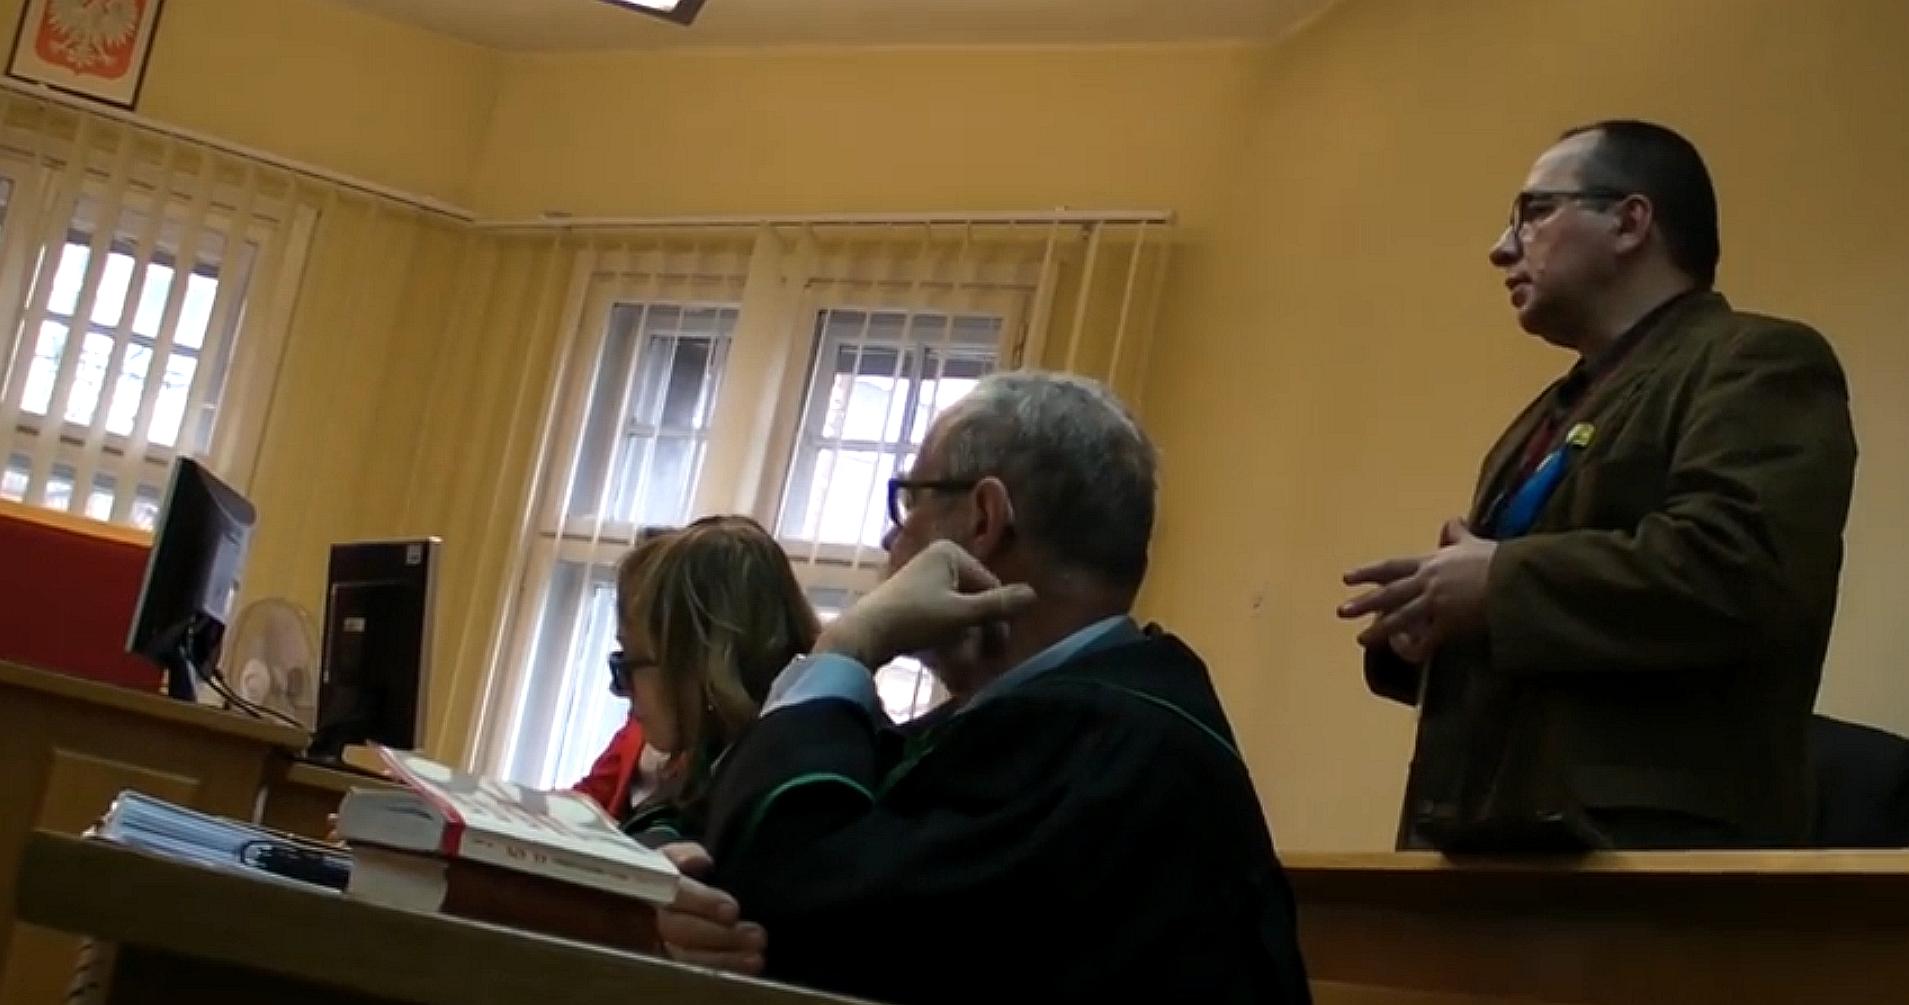 WOLNY CZYN: Proces o pomnik NKWD w Katowicach: zeznają Miernik, Cysewski